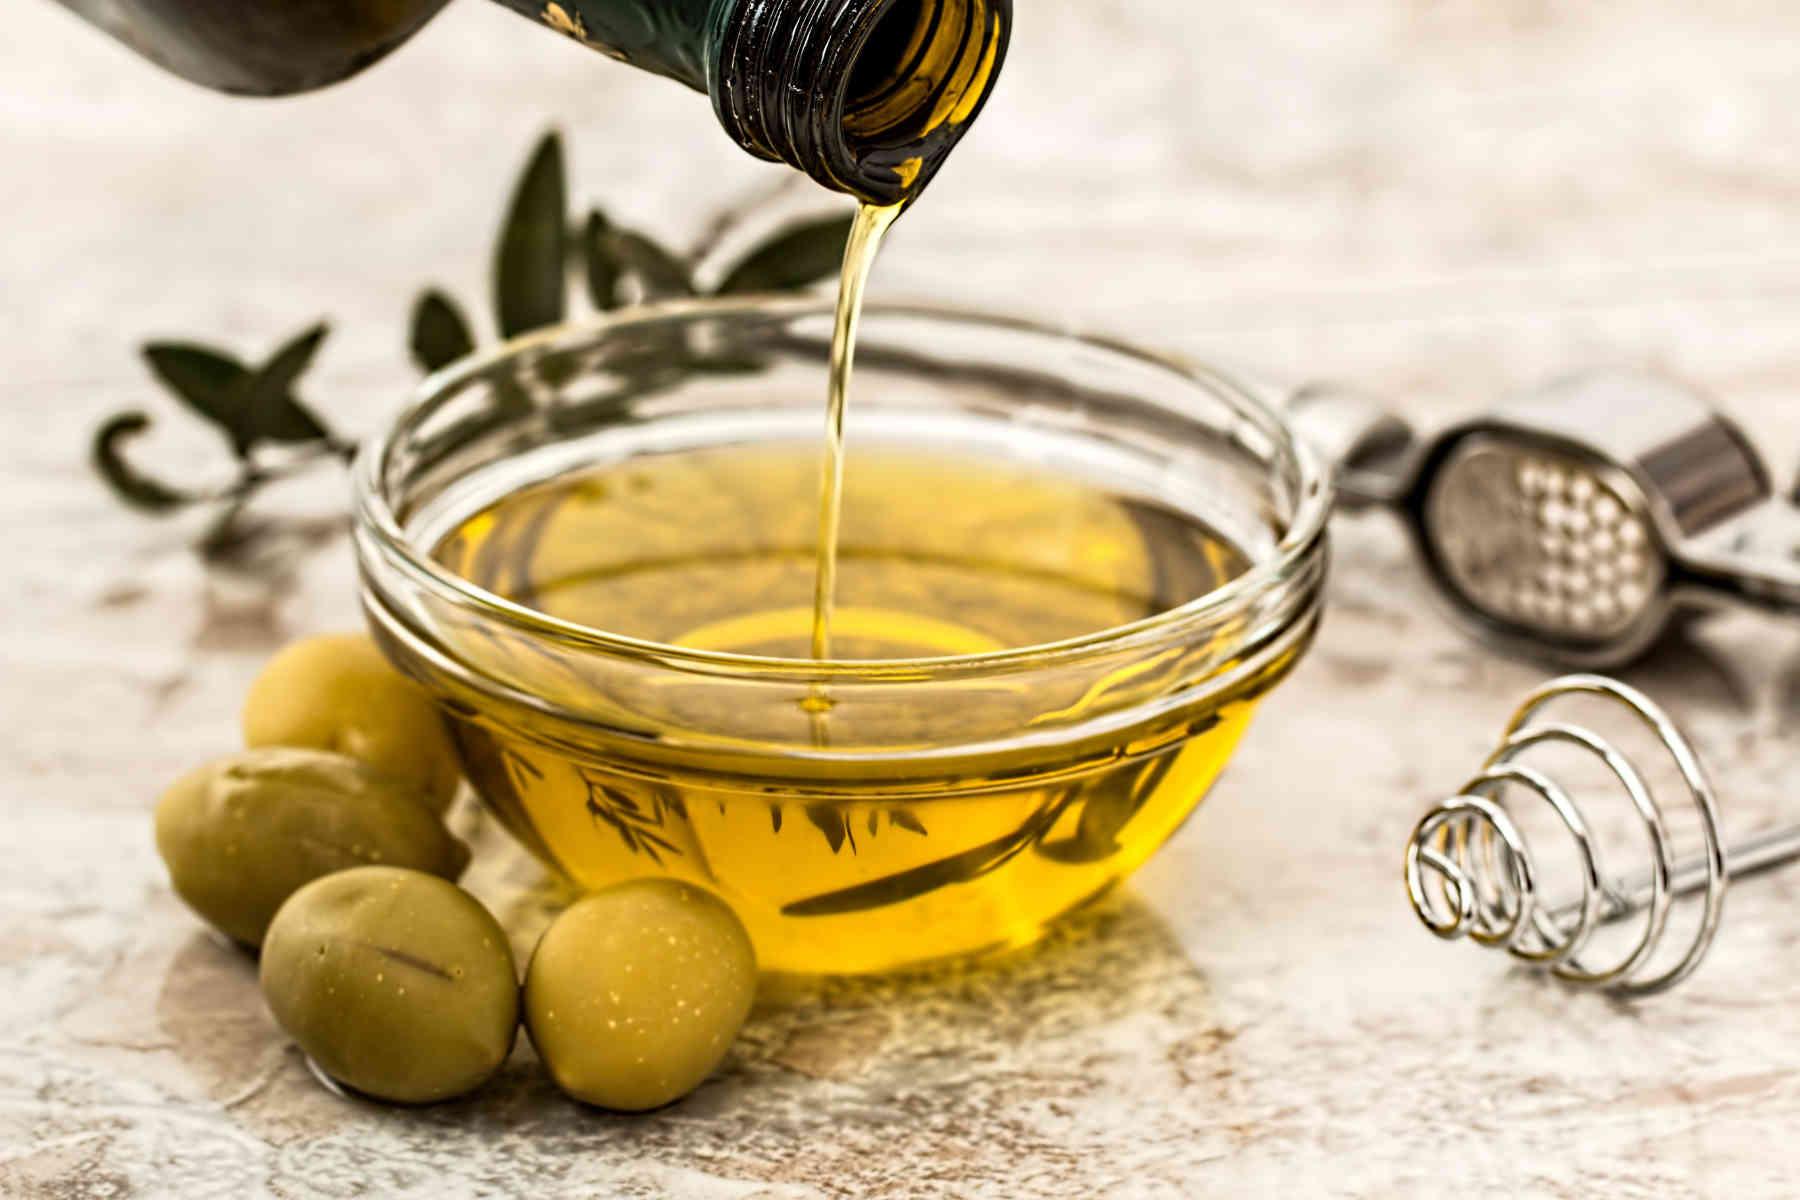 Les bienfaits des acides gras mono-insaturés d'origine végétale contre le risque de décès par maladie cardiaque